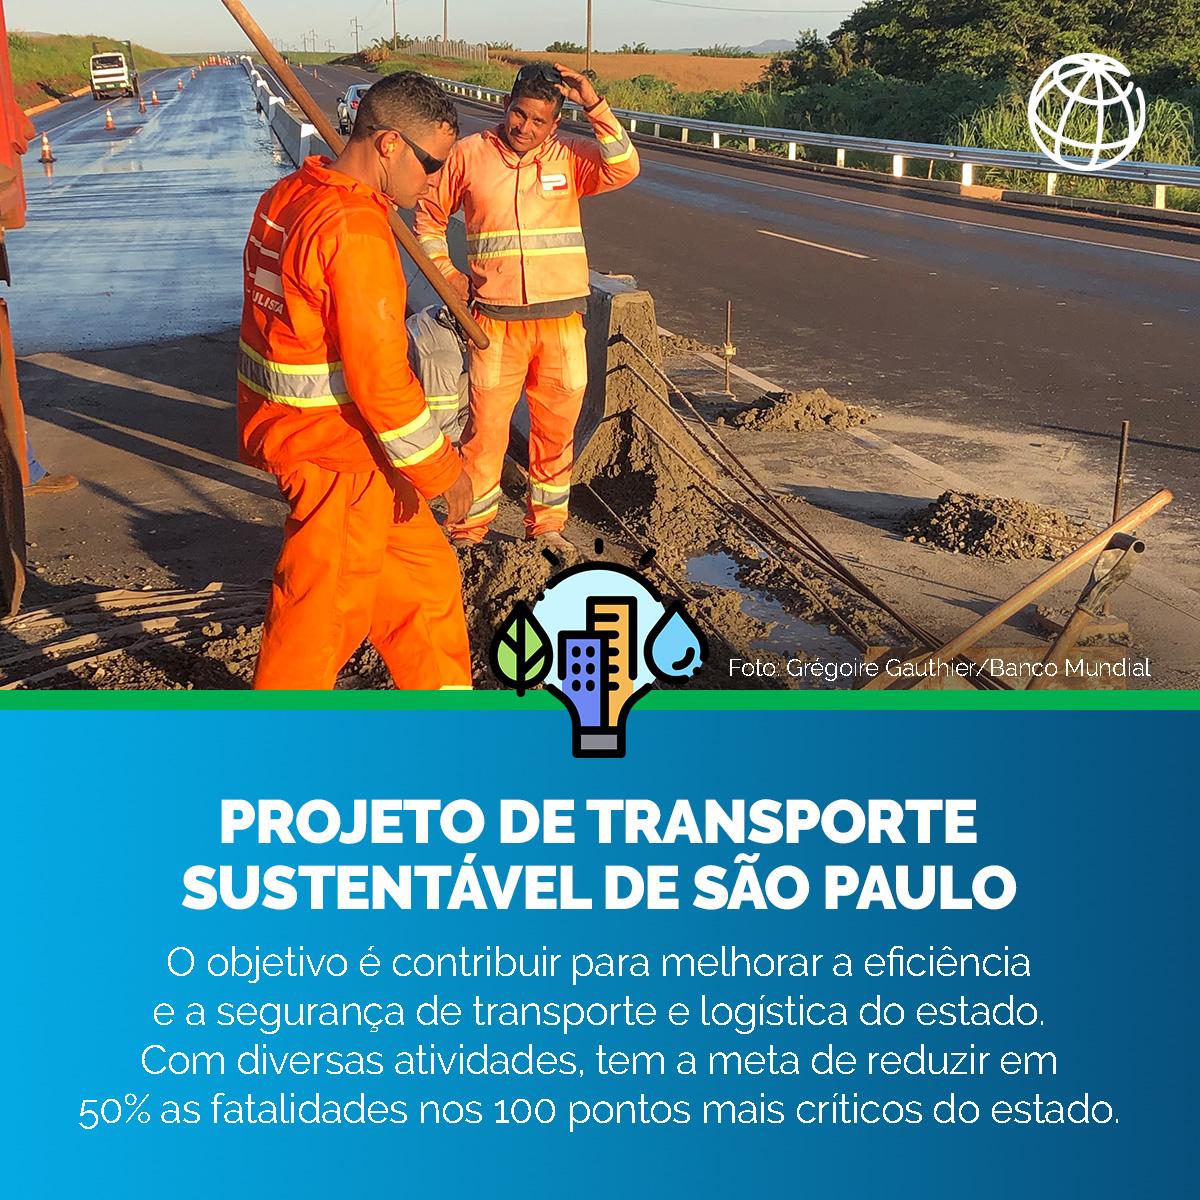 Este projeto do Banco Mundial beneficia cerca de 3,5 milhões de pessoas no estado de São Paulo. Quer saber mais sobre nossa atuação no Brasil? Acesse: